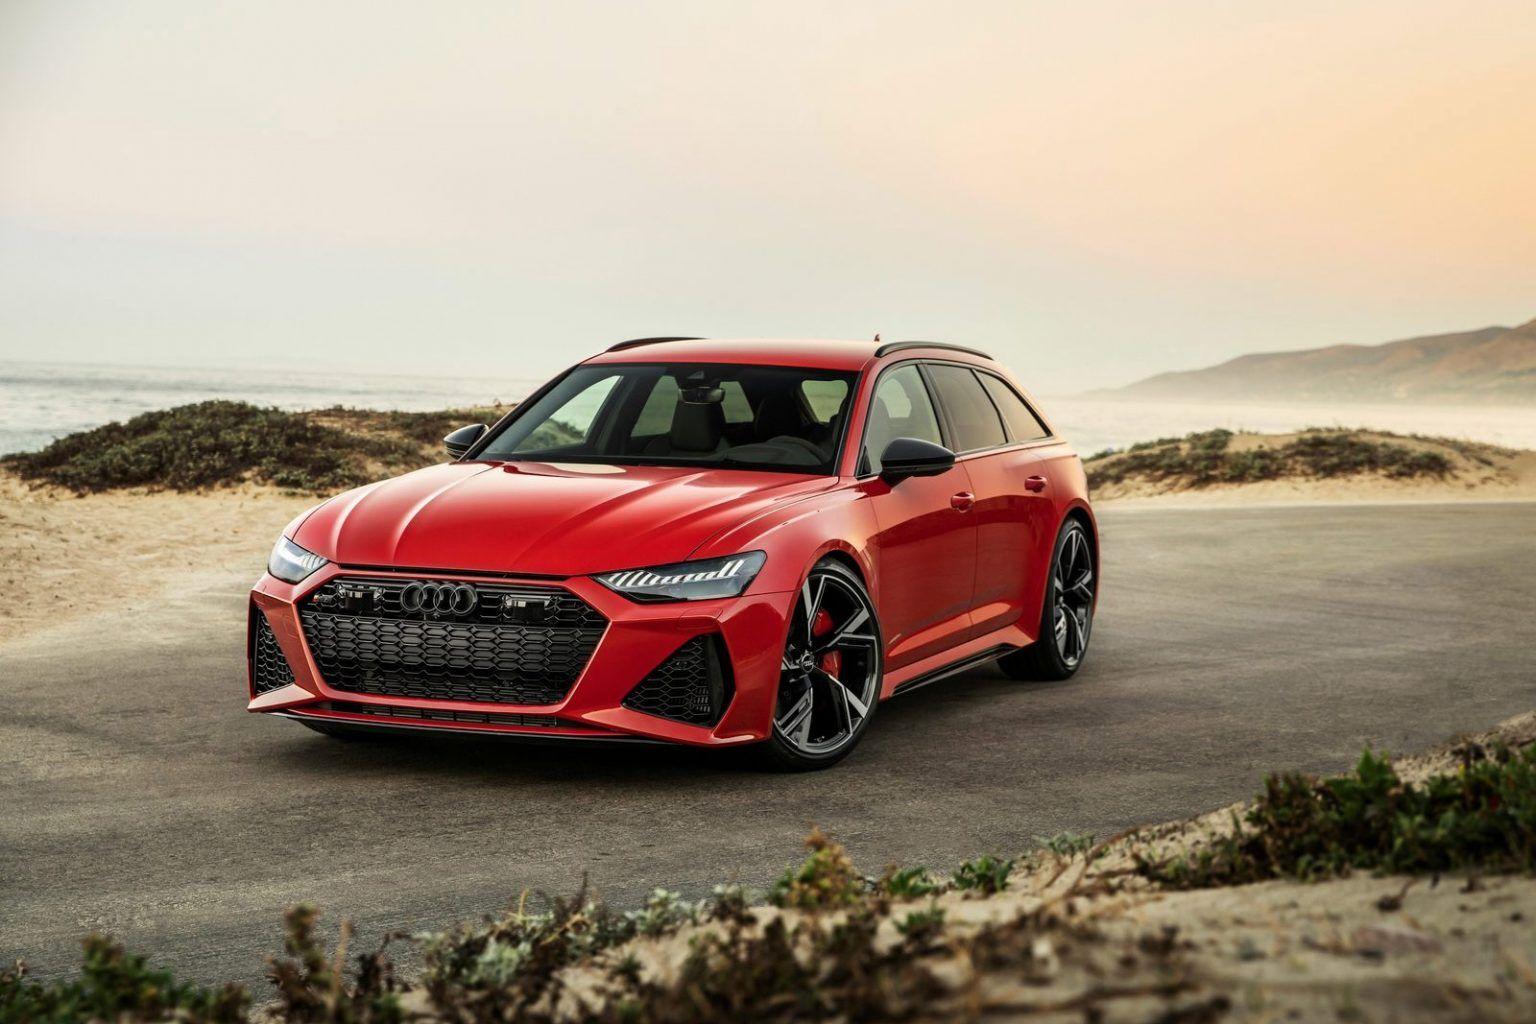 Der Diesel Ist Tot Audi S6 Tdi Und S7 Tdi Kommen Mit Power Selbstzunder In 2020 Audi Rs Audi Audi S6 Avant